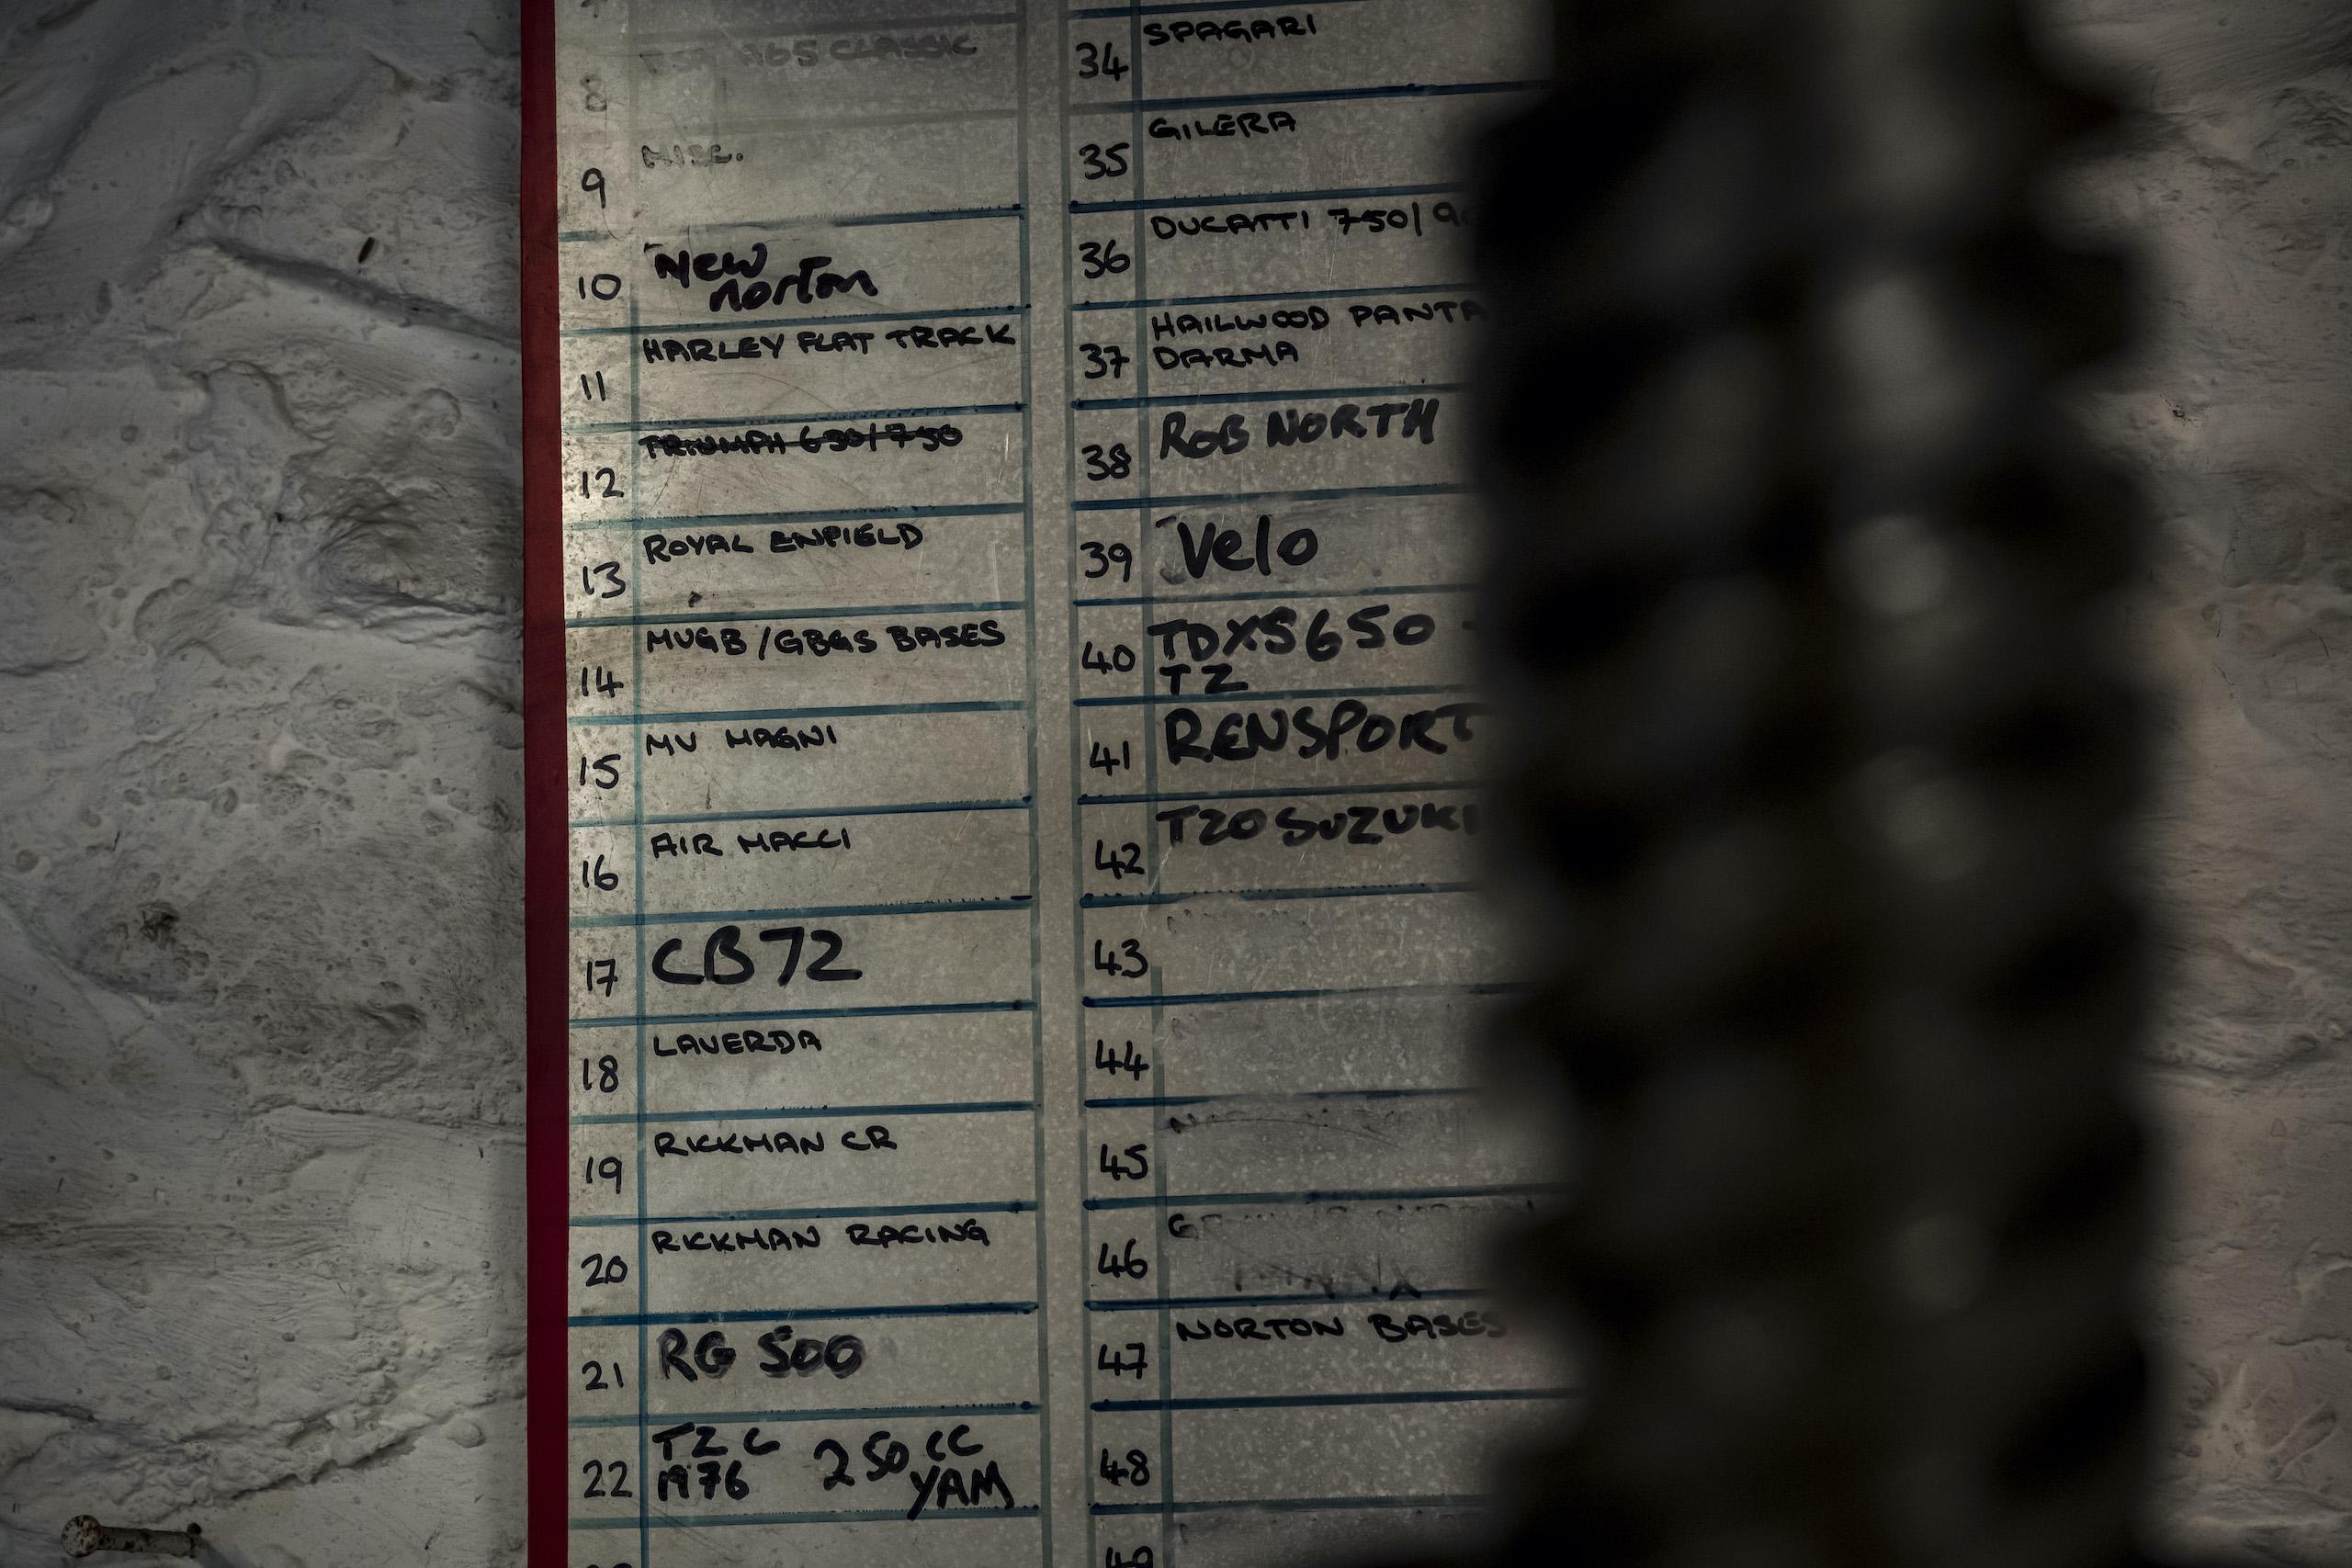 TAB II Classics wall chart list